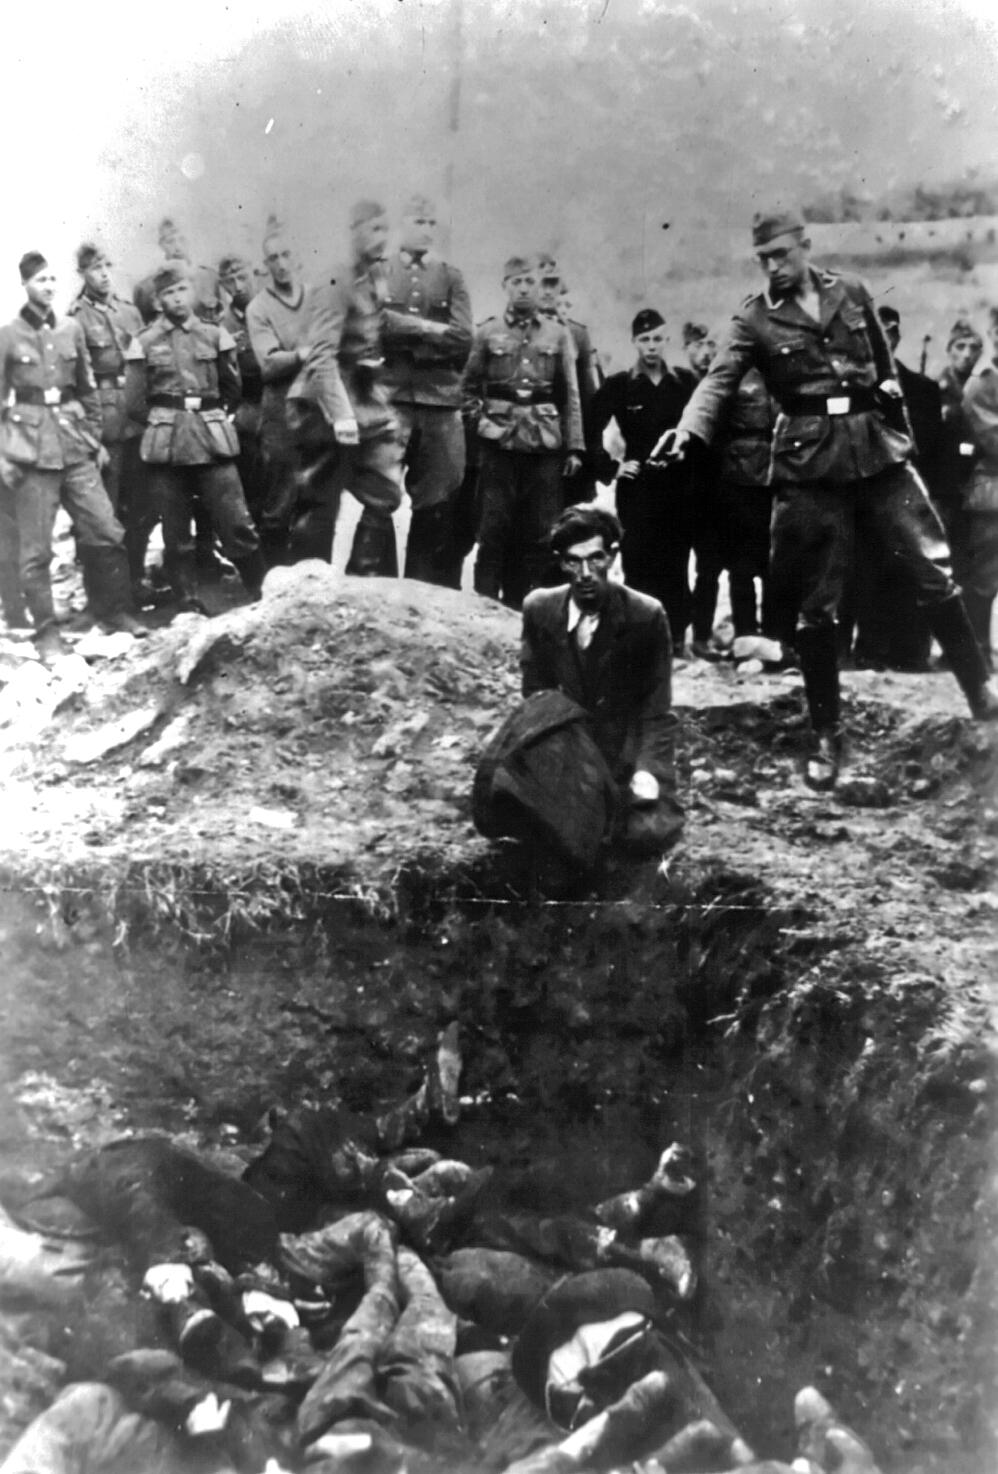 Ucrania en la 2° GM (crimenes de guerra de Bandera y las SS) Download